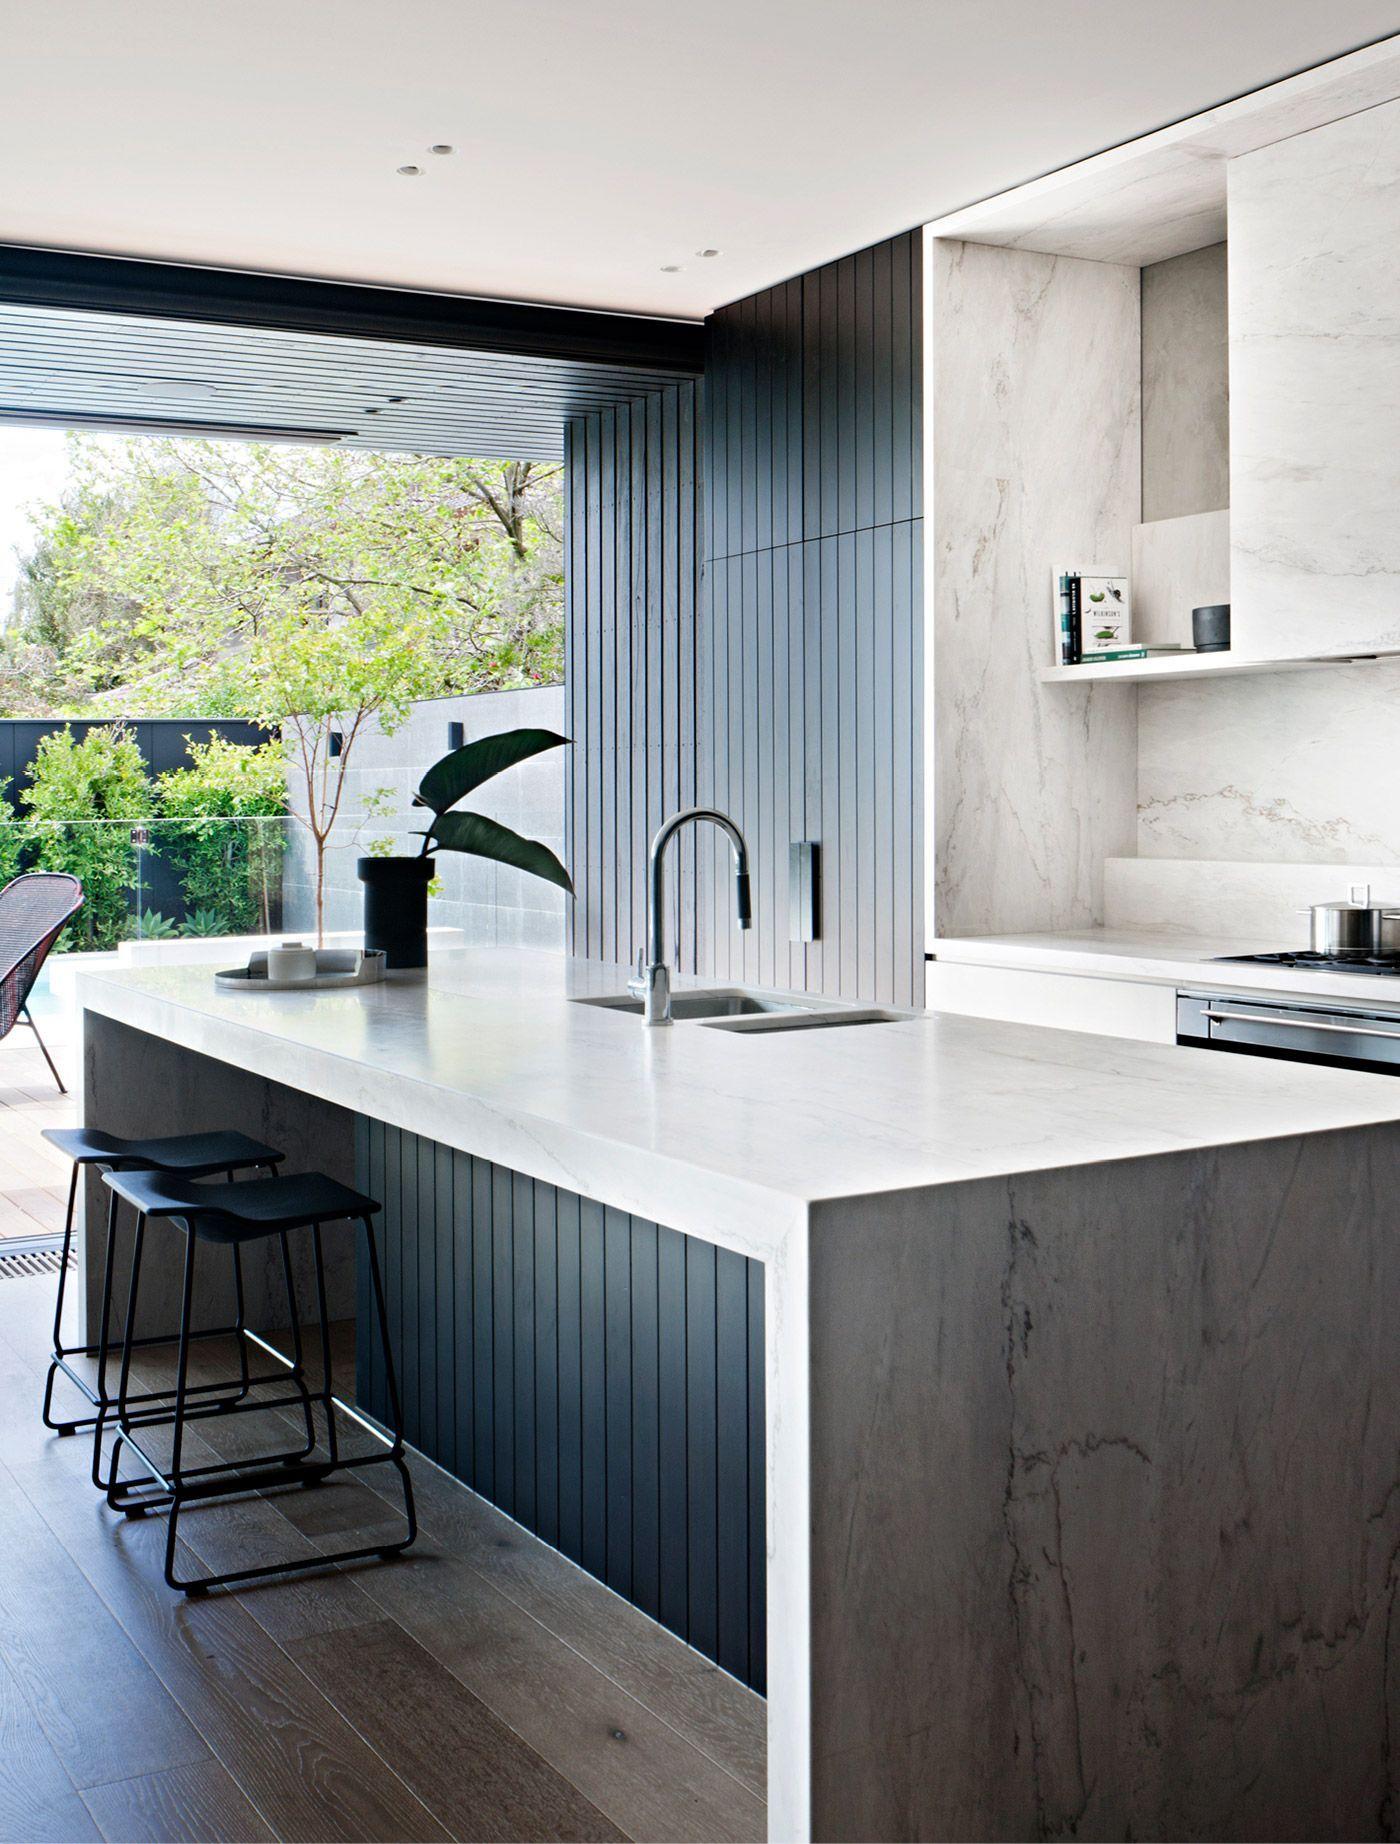 Cocoon Modern Kitchen Design Inspiration Bycocoon  Interior Magnificent Designer Kitchen Colors 2018